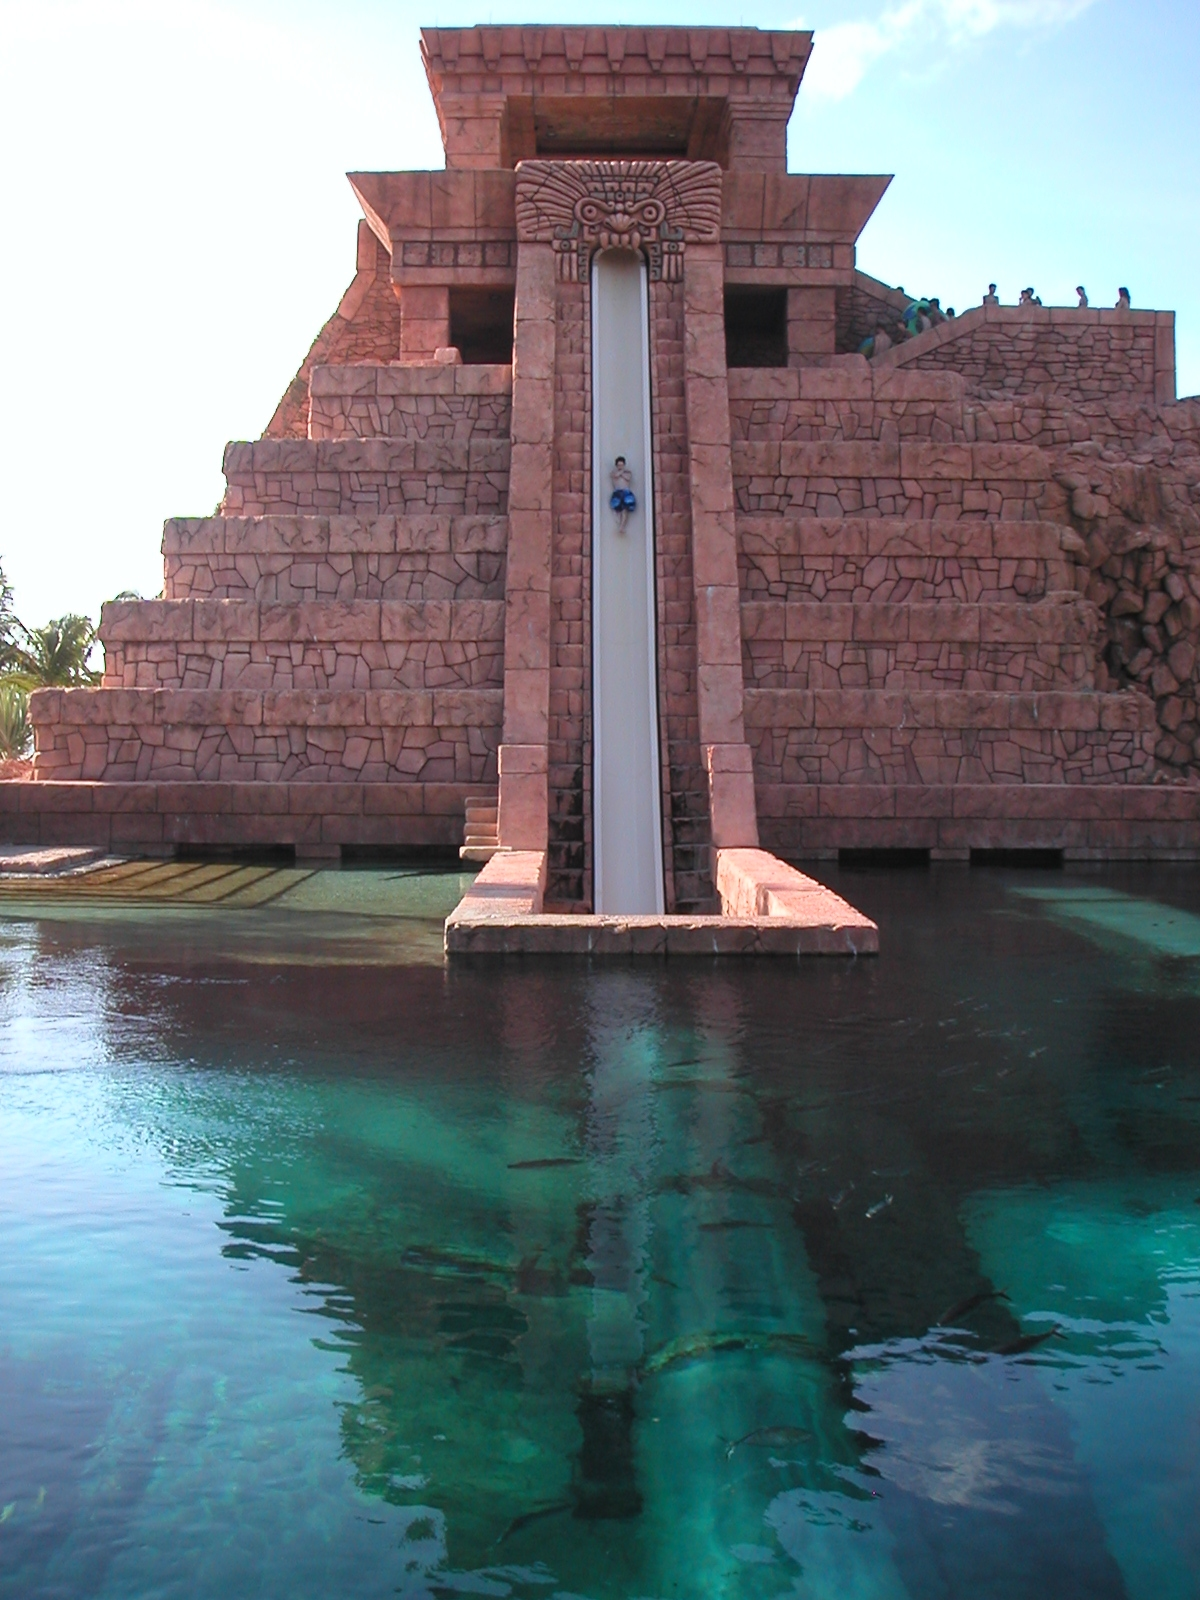 http://3.bp.blogspot.com/_KwJIEgZ1L6o/TUg-OhdhzXI/AAAAAAAAA9g/L7wVOb8lS70/s1600/Mayan_Temple_Slides_at_Atlantis_2.jpg